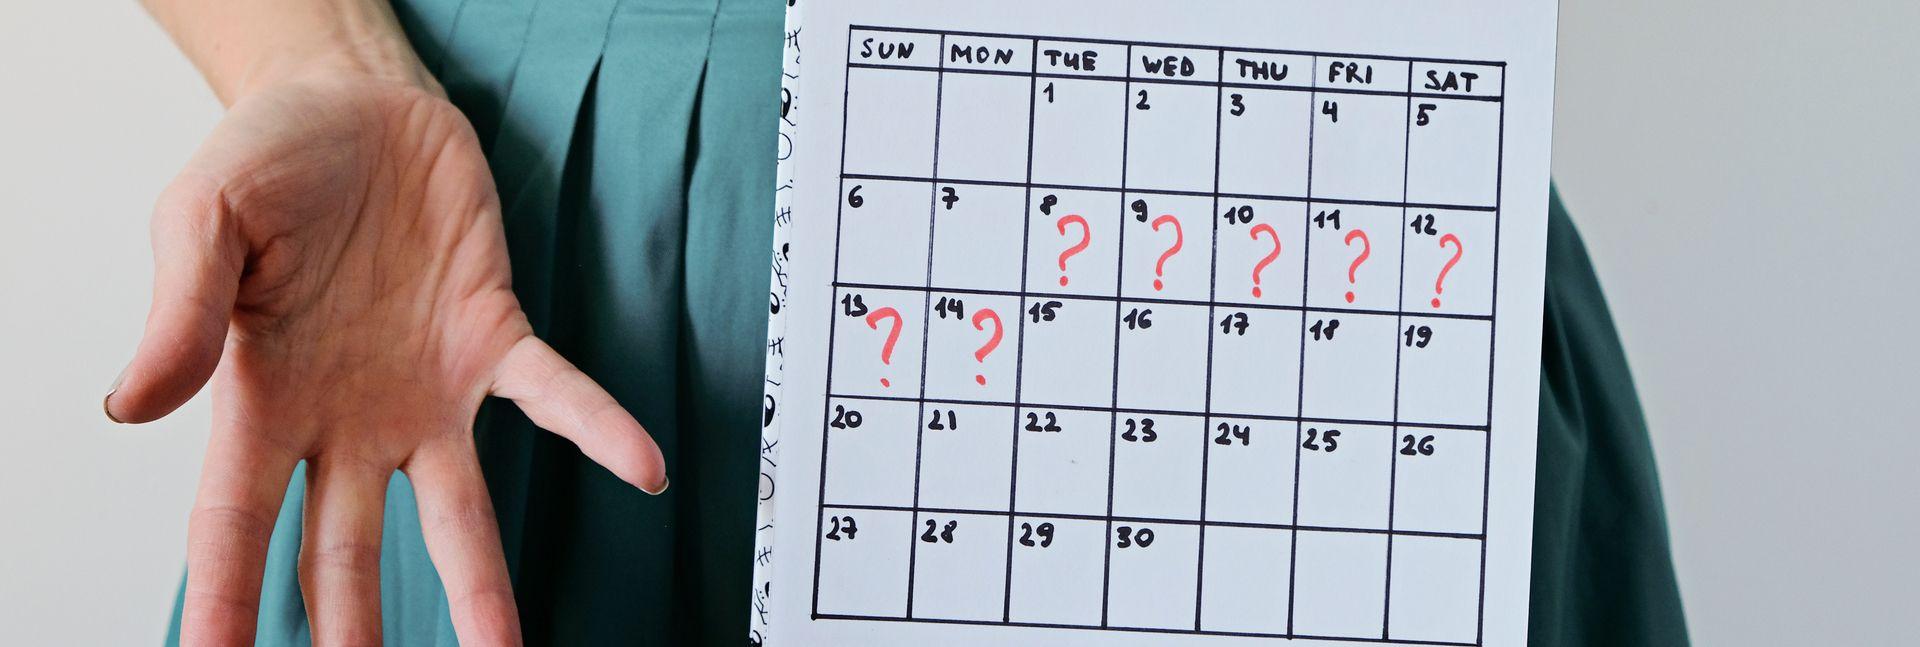 Для чего нужны осмотры у гинеколога, как часто нужно его посещать и в каких случаях пора идти, не дожидаясь планового приема